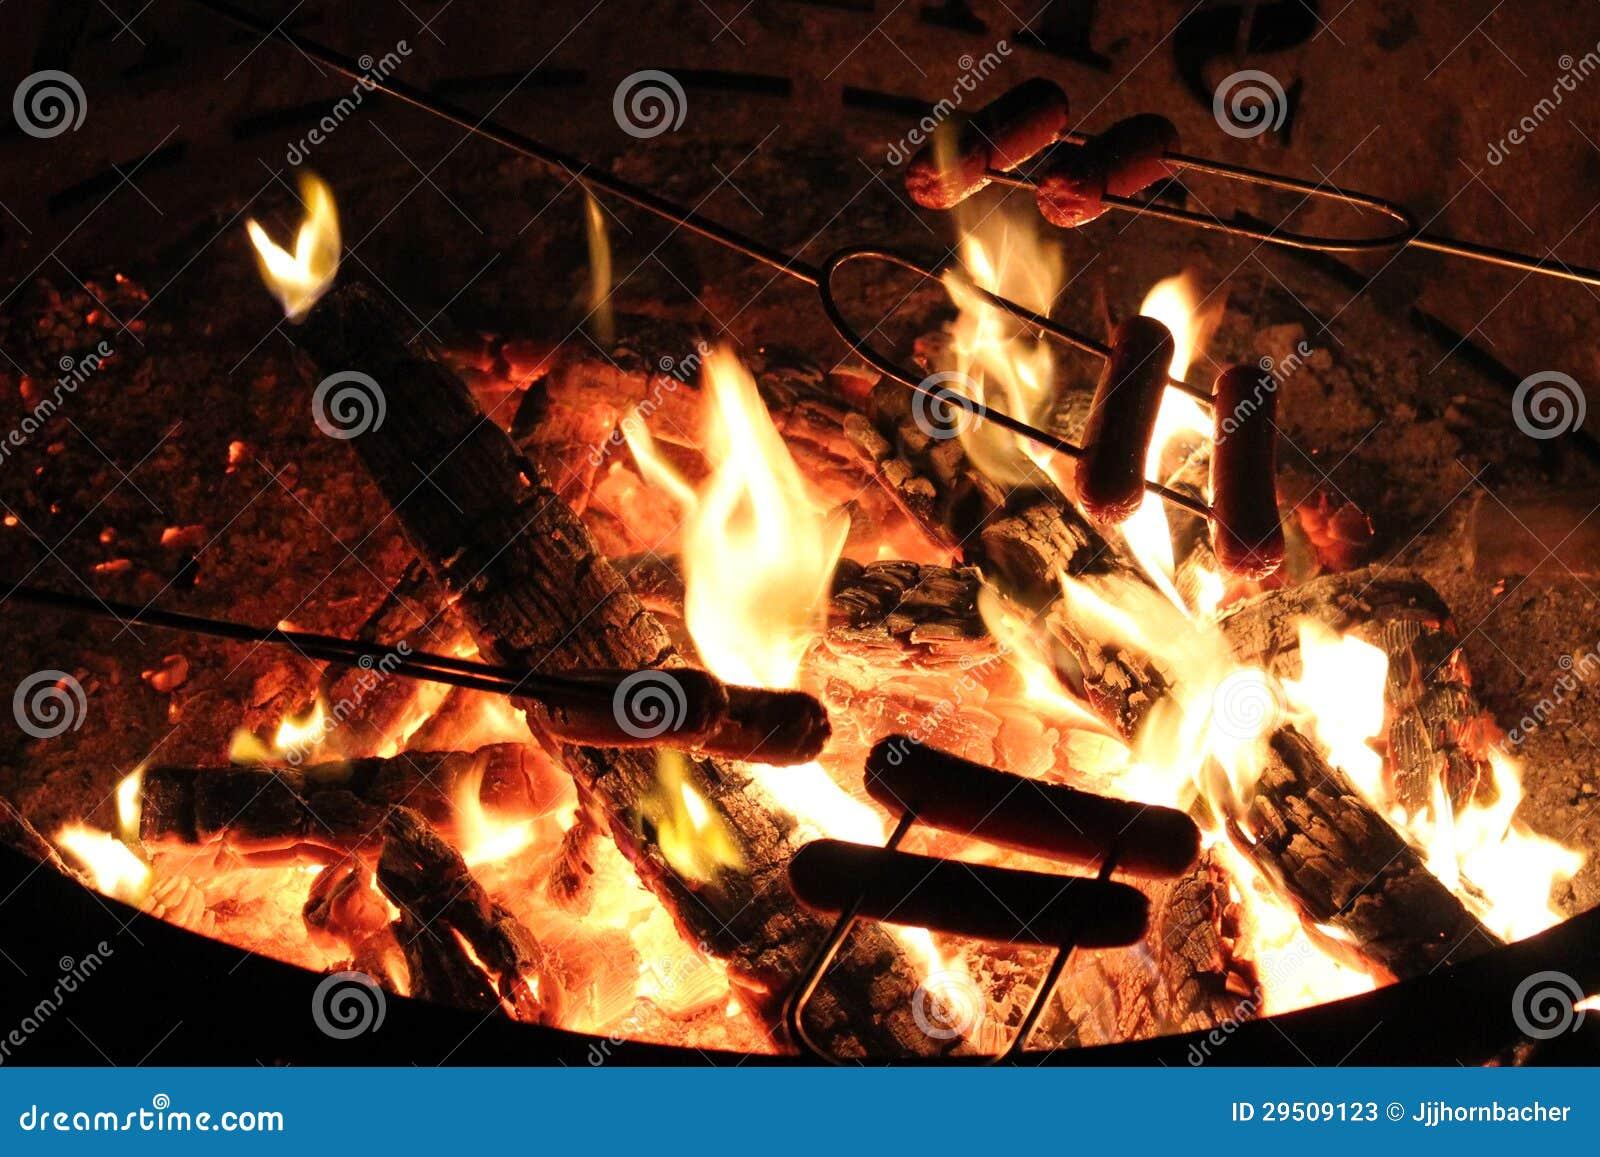 Hot Dog nad ogniskiem